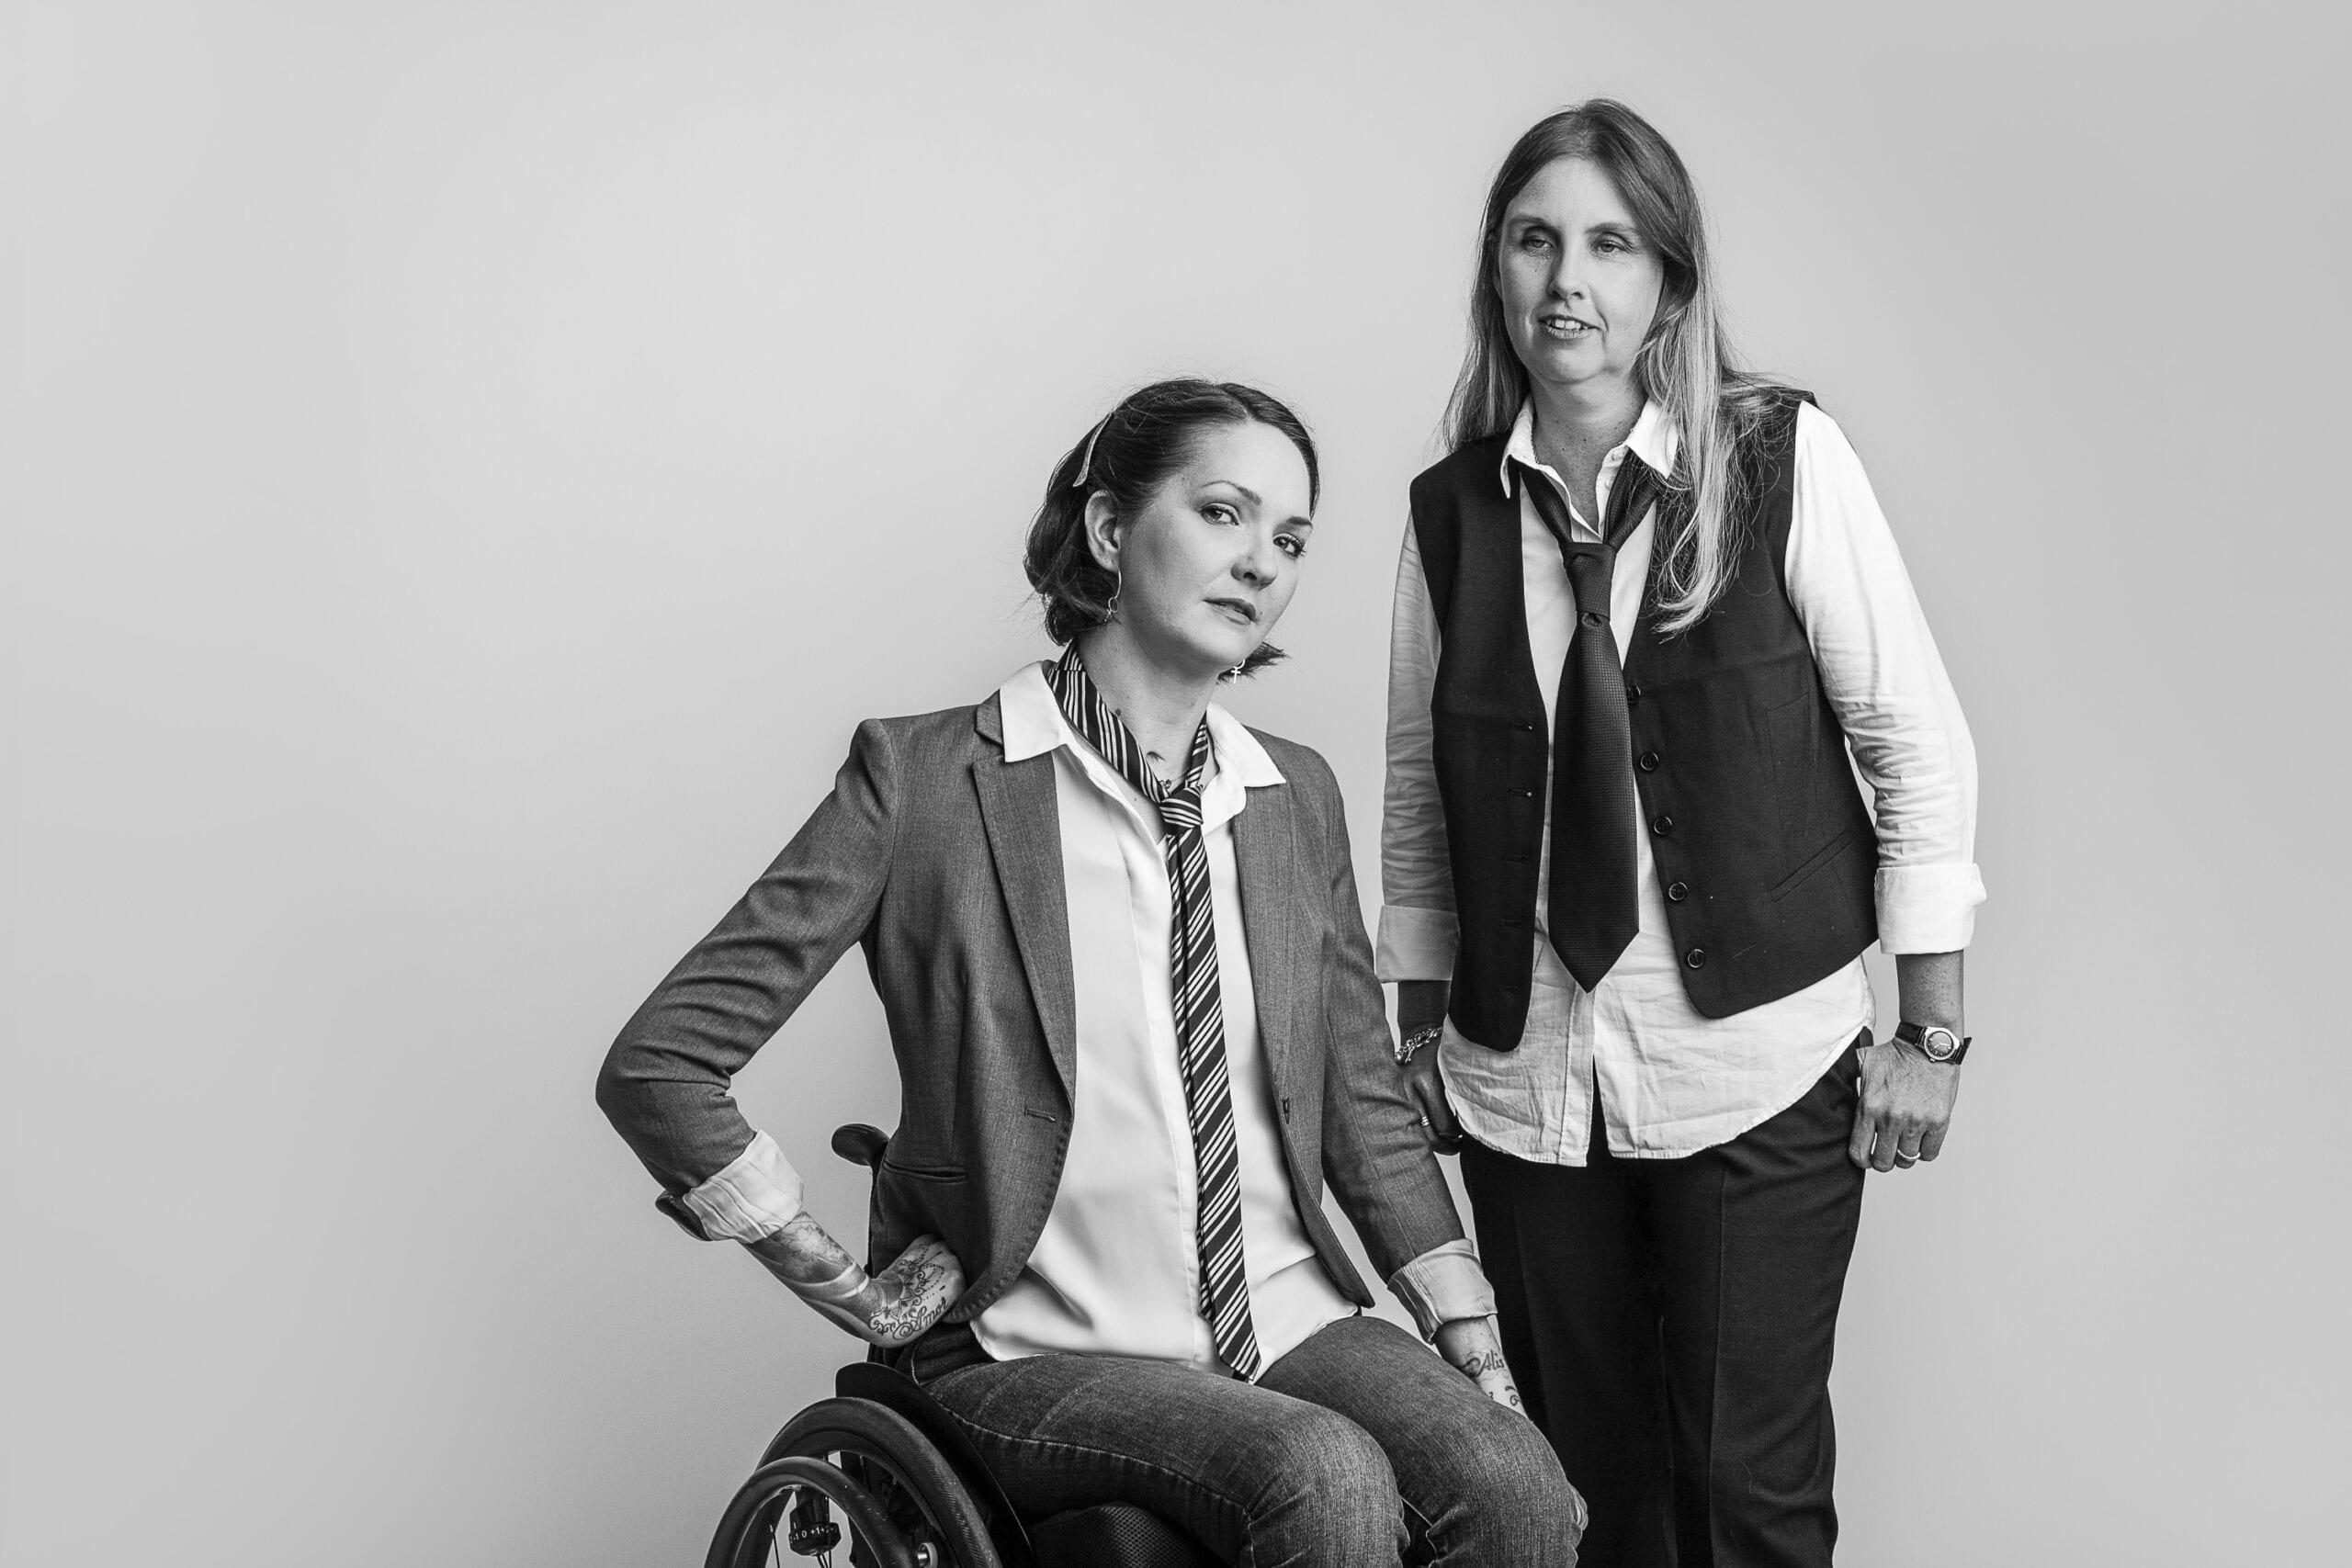 Yasmin och Anna i fotostudio med grå bakgrund. Anna står till höger med självsäker blick. Hon har mörk väst, ljus skjorta, slips och mörka byxor samt långt ljust hår. Yasmin sitter intill i sin rullstol med lutat huvud och tittar mot kameran med självsäker blick iklädd mörk kavaj, slips, ljus skjorta och mörka jeans.